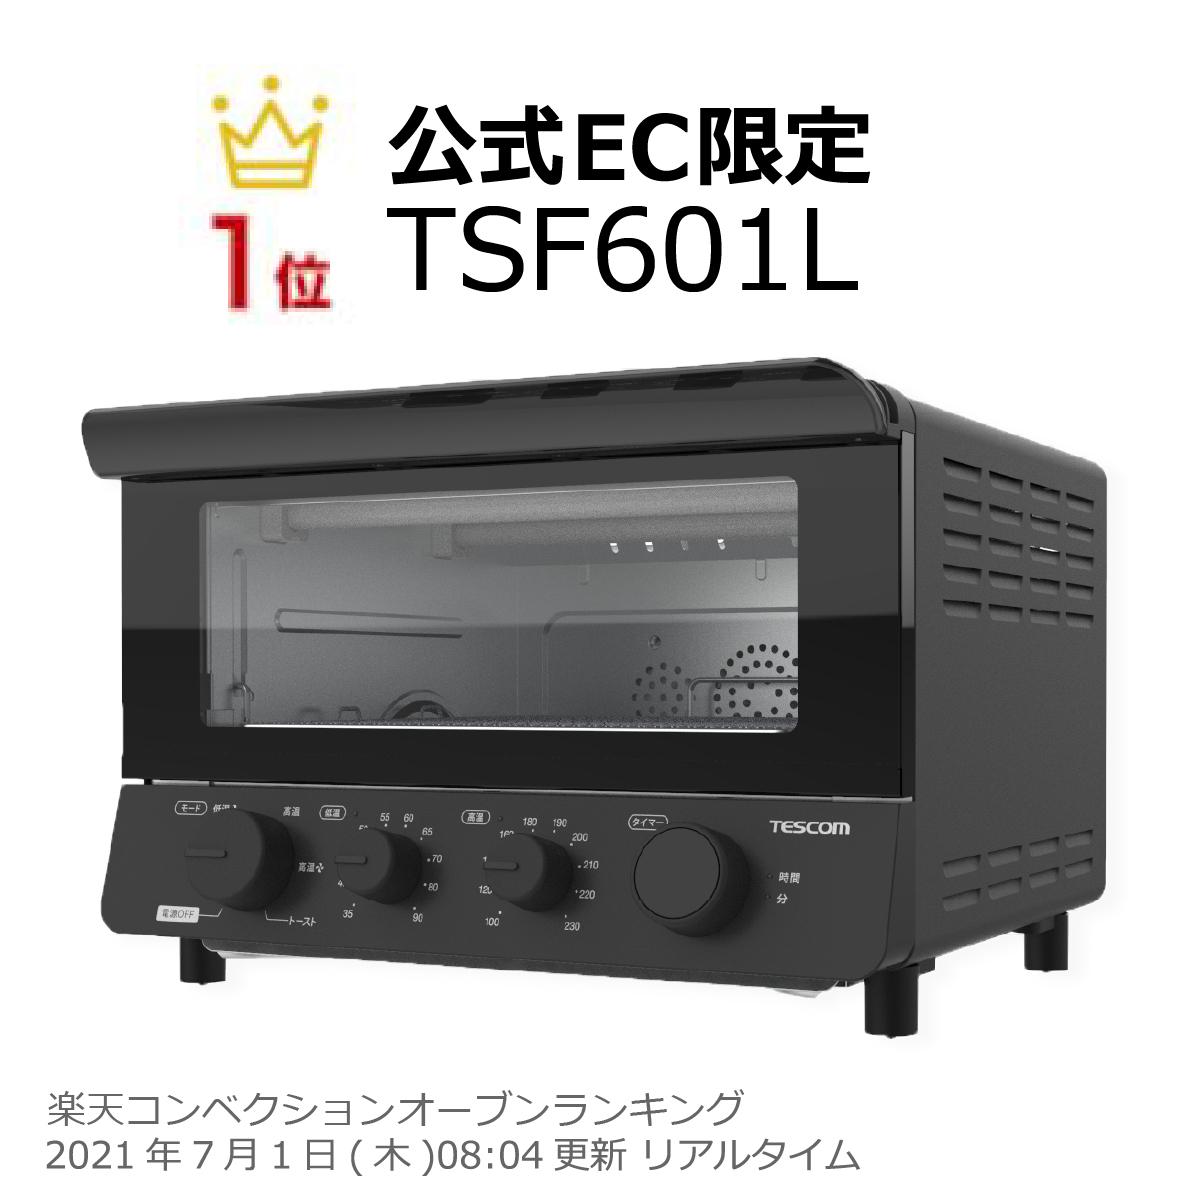 いつでも送料無料 1位 低温から高温まで オフの時間に大活躍 1台6役のマルチオーブン 業界初 ジップロックに入れたままでの低温調理が公認に テスコム公式限定 低温コンベクションオーブン TSF601L 10%OFF レシピブック あし付き網 トースター 送料無料 トースト オーブン 低温調理 4枚 低温調理器 ノンフライヤー フードドライヤー 家電 K 乾燥調理 ドライフード 1年保証 ヨーグルトメーカー ブラック